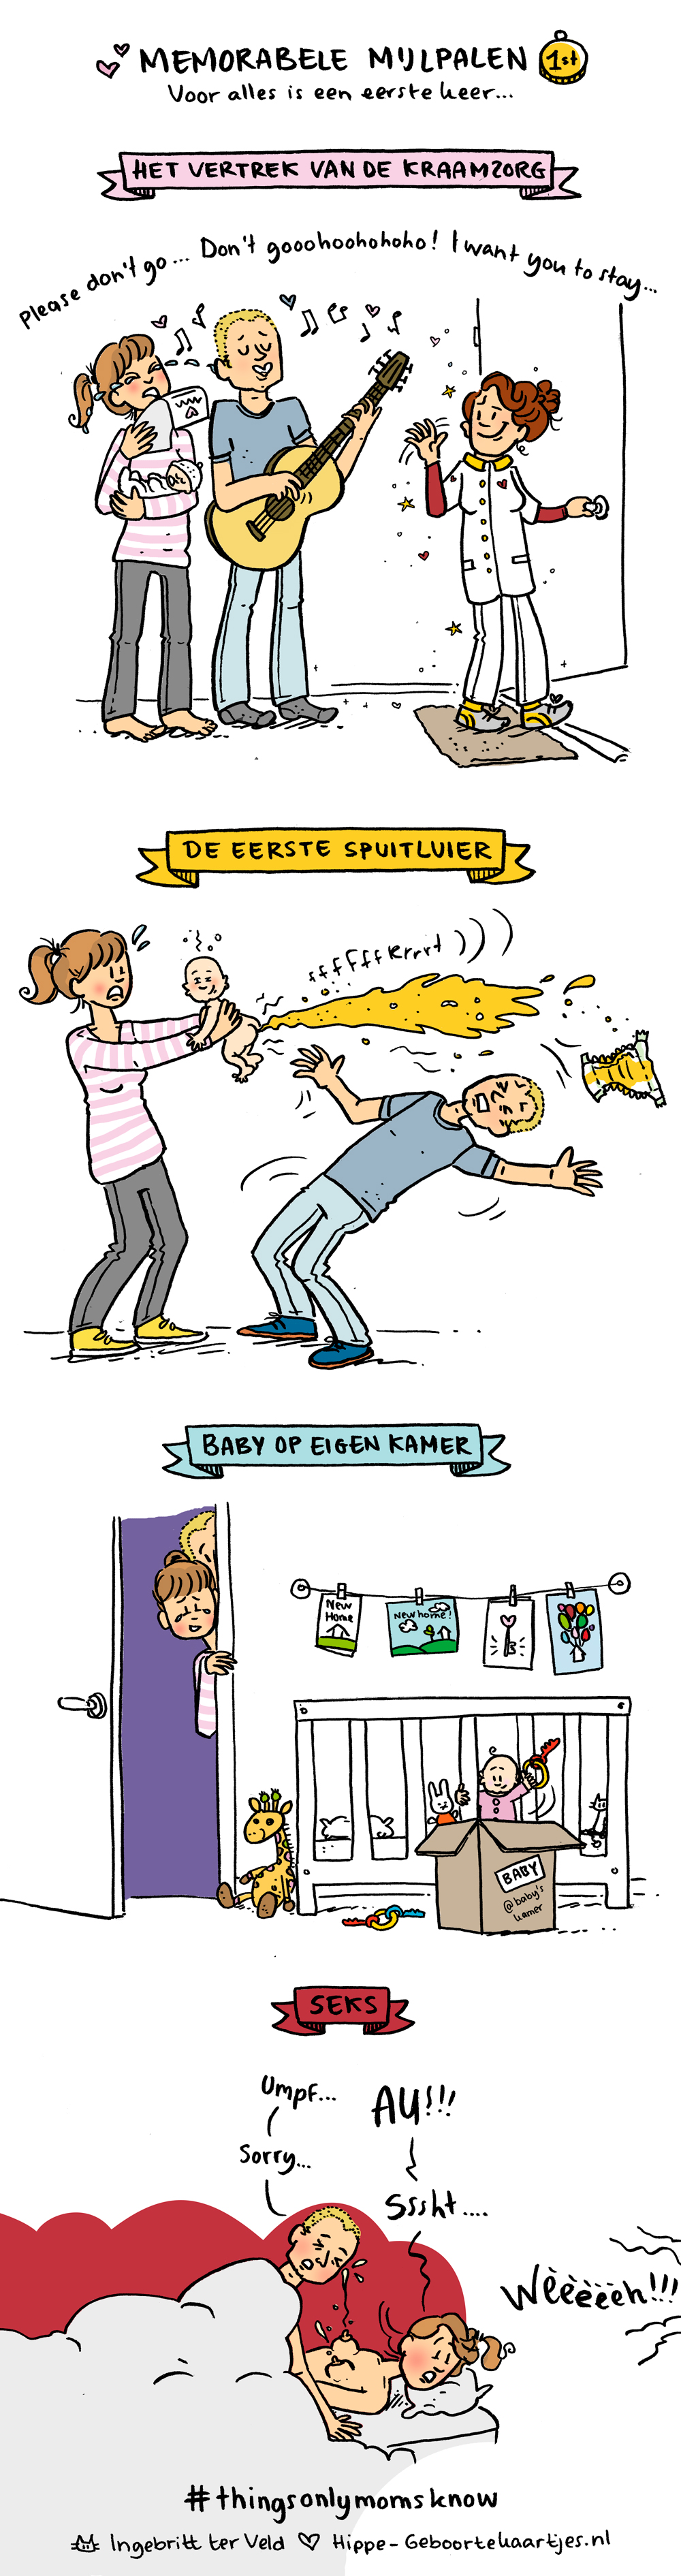 Mijlpalen - Deze cartoons beschrijven het moederschap